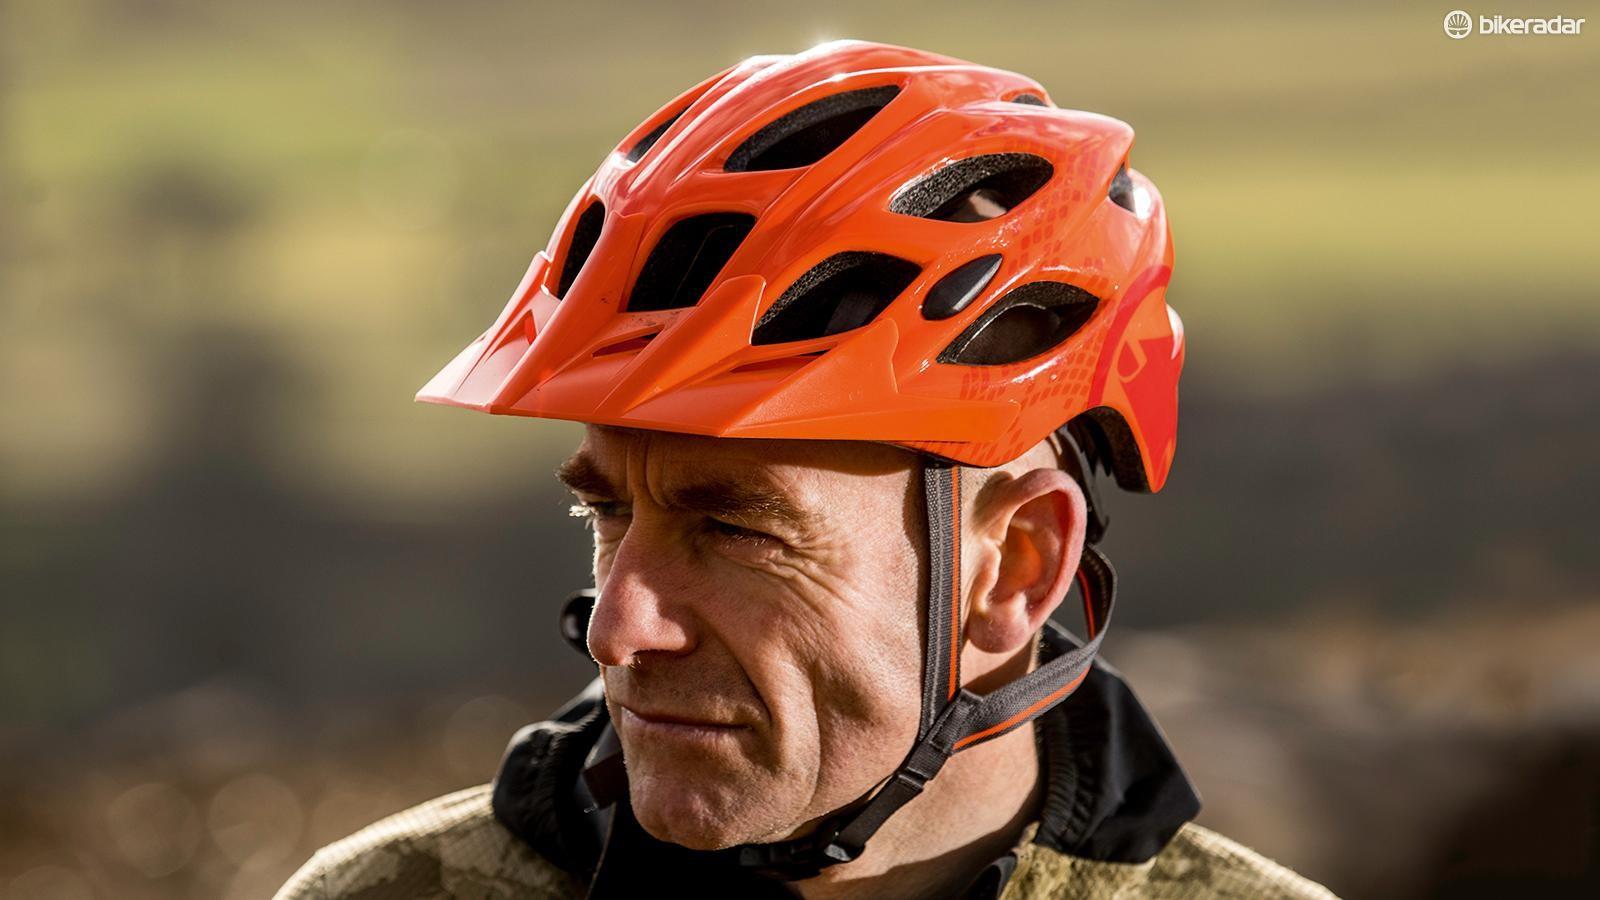 Endura's Hummvee helmet